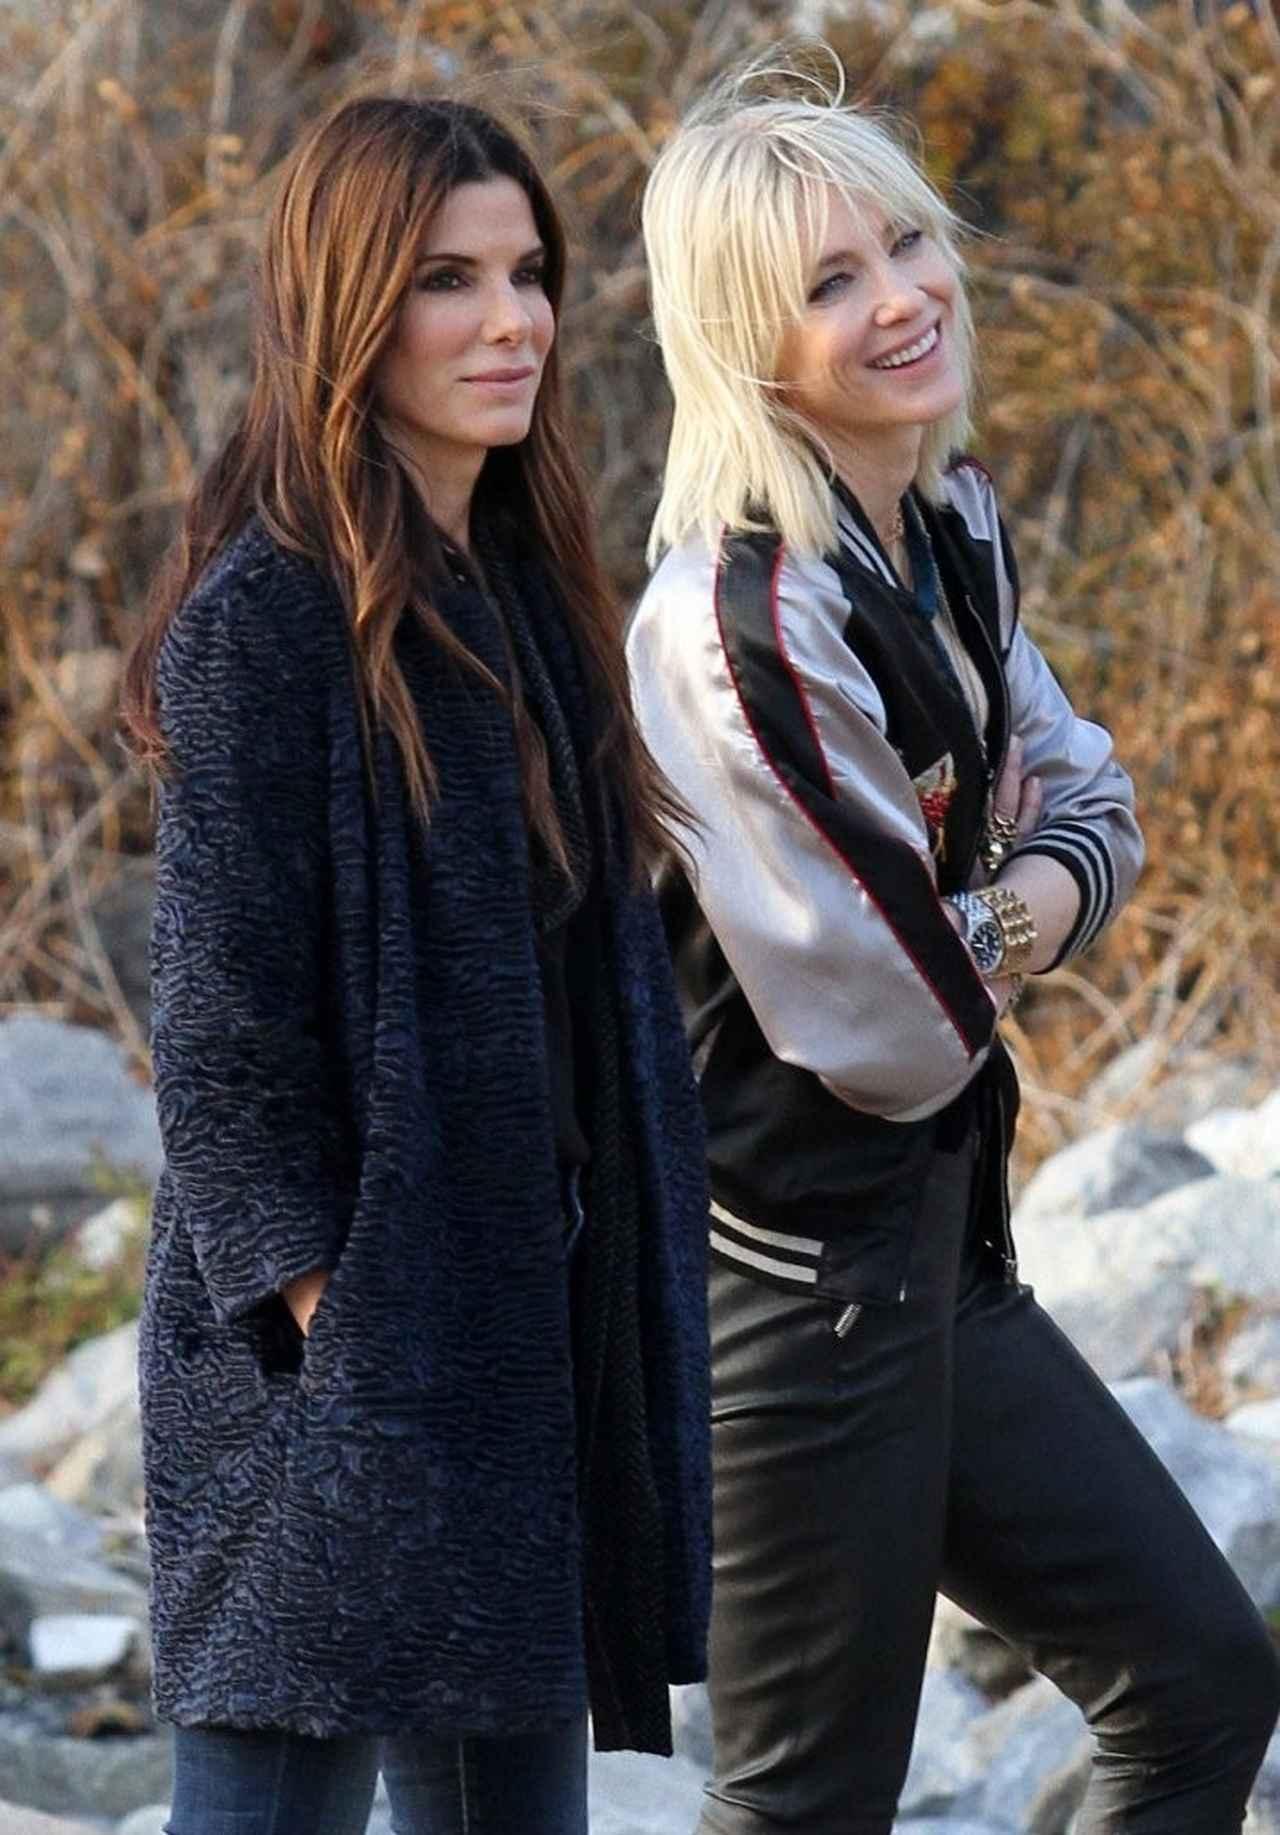 画像: 『オーシャンズ8』を撮影中のサンドラ&ケイト。